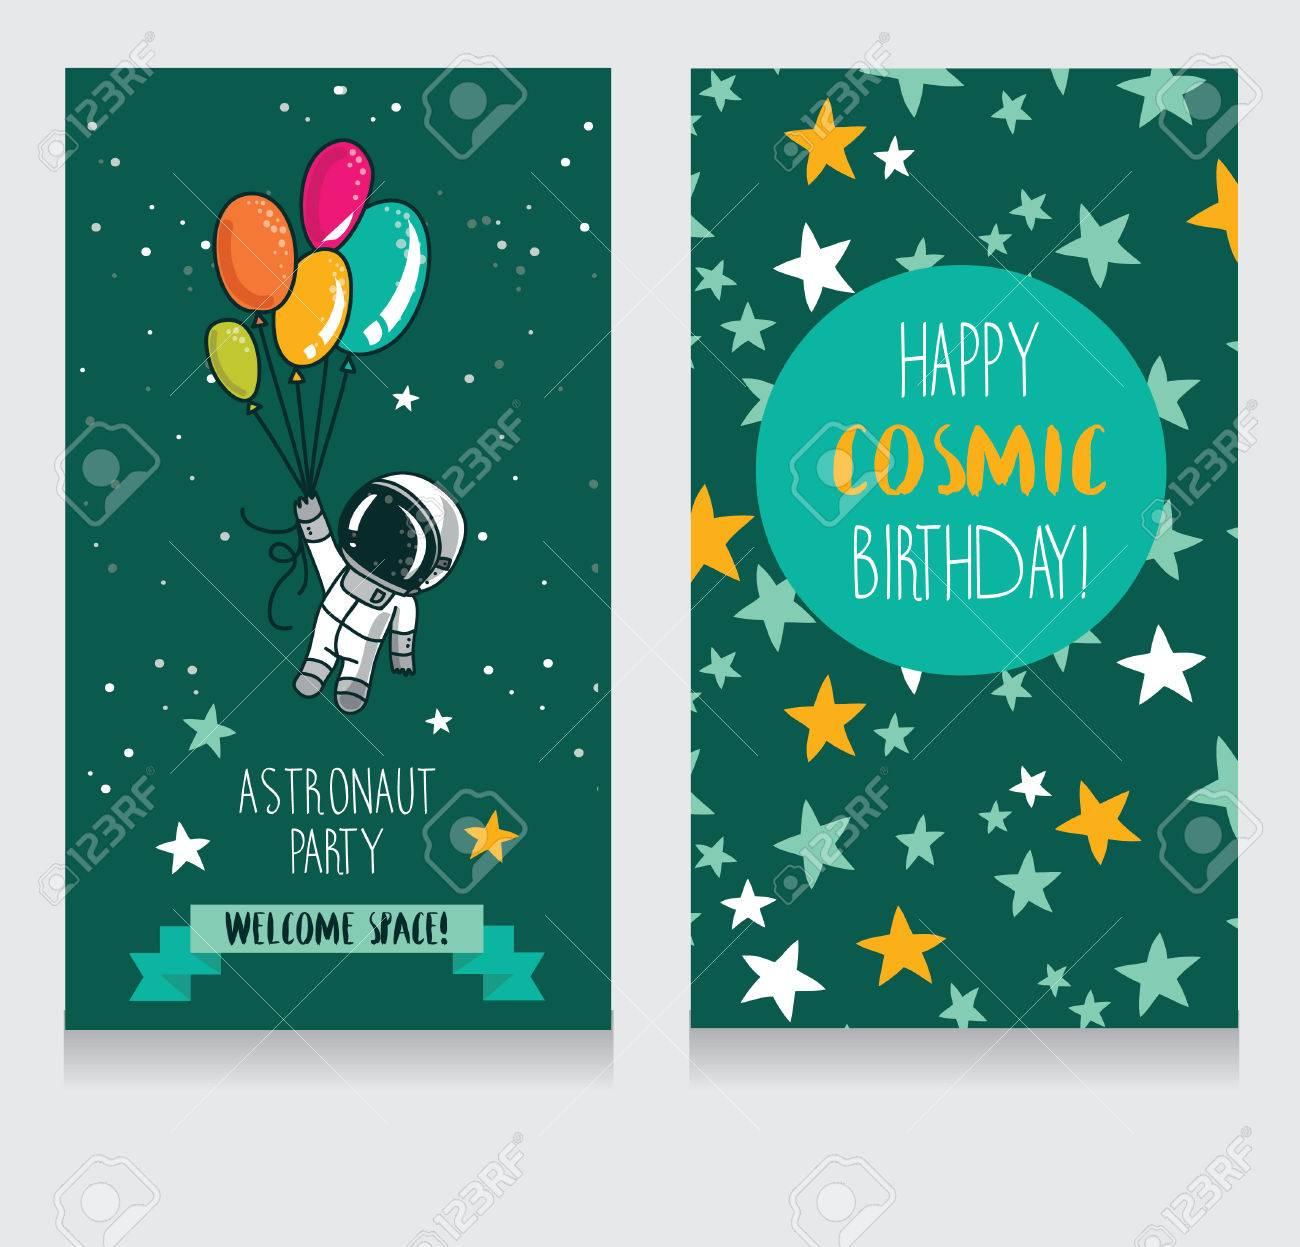 Lindo Cohete Con Globos En El Fondo Estrellado Tarjetas De Invitación Divertidas Para La Fiesta De Cumpleaños Del Niño Ilustración Vectorial Cósmica